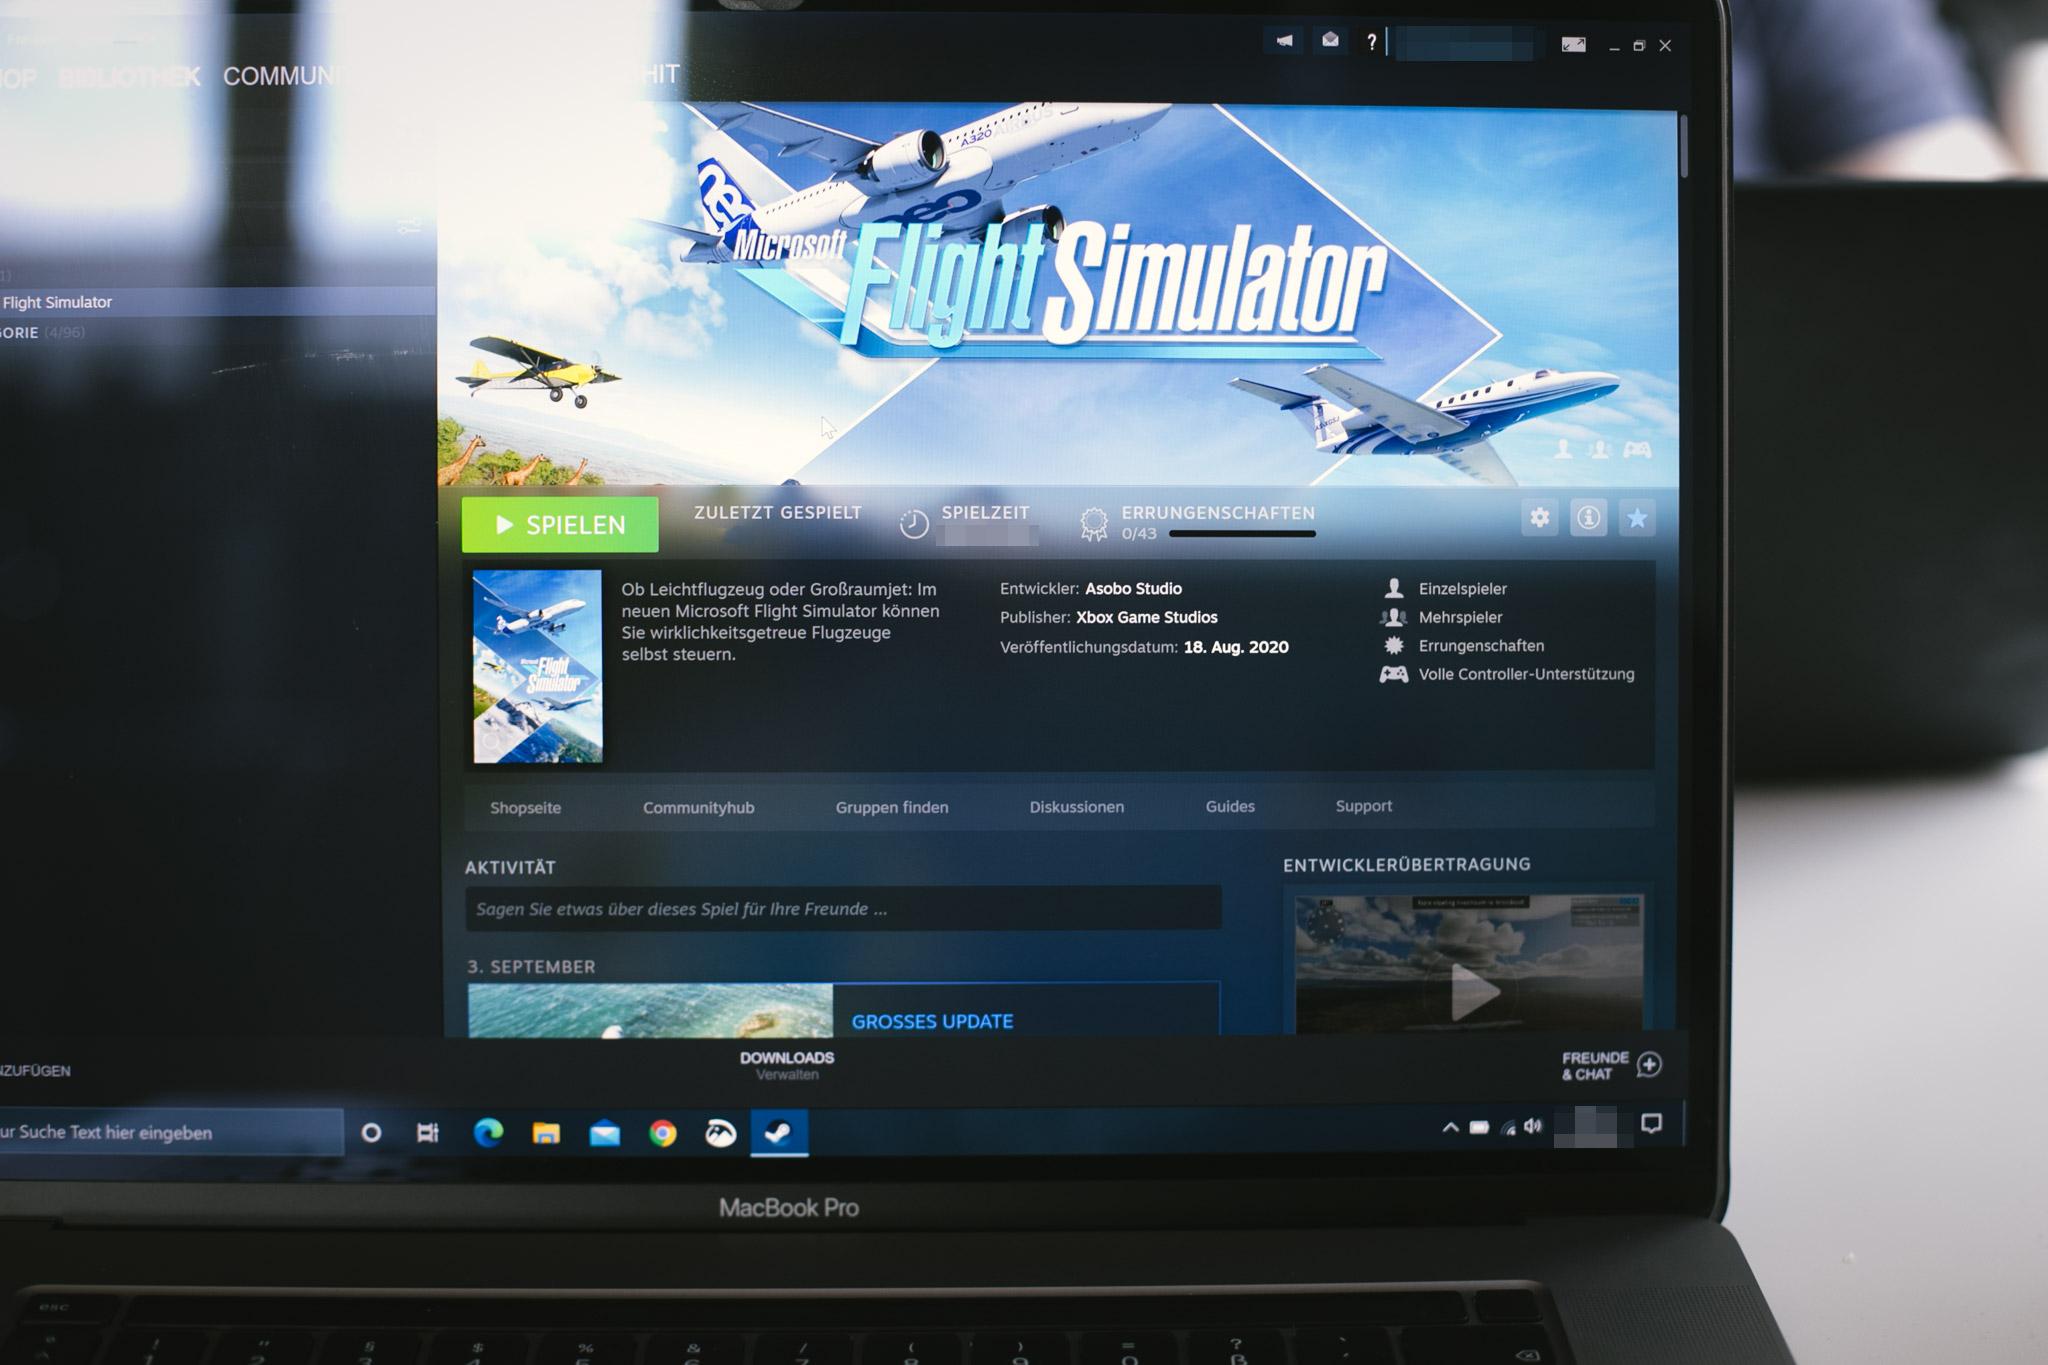 Flight Simulator 2020 auf einem Macbook Pro 16 Zoll 2019